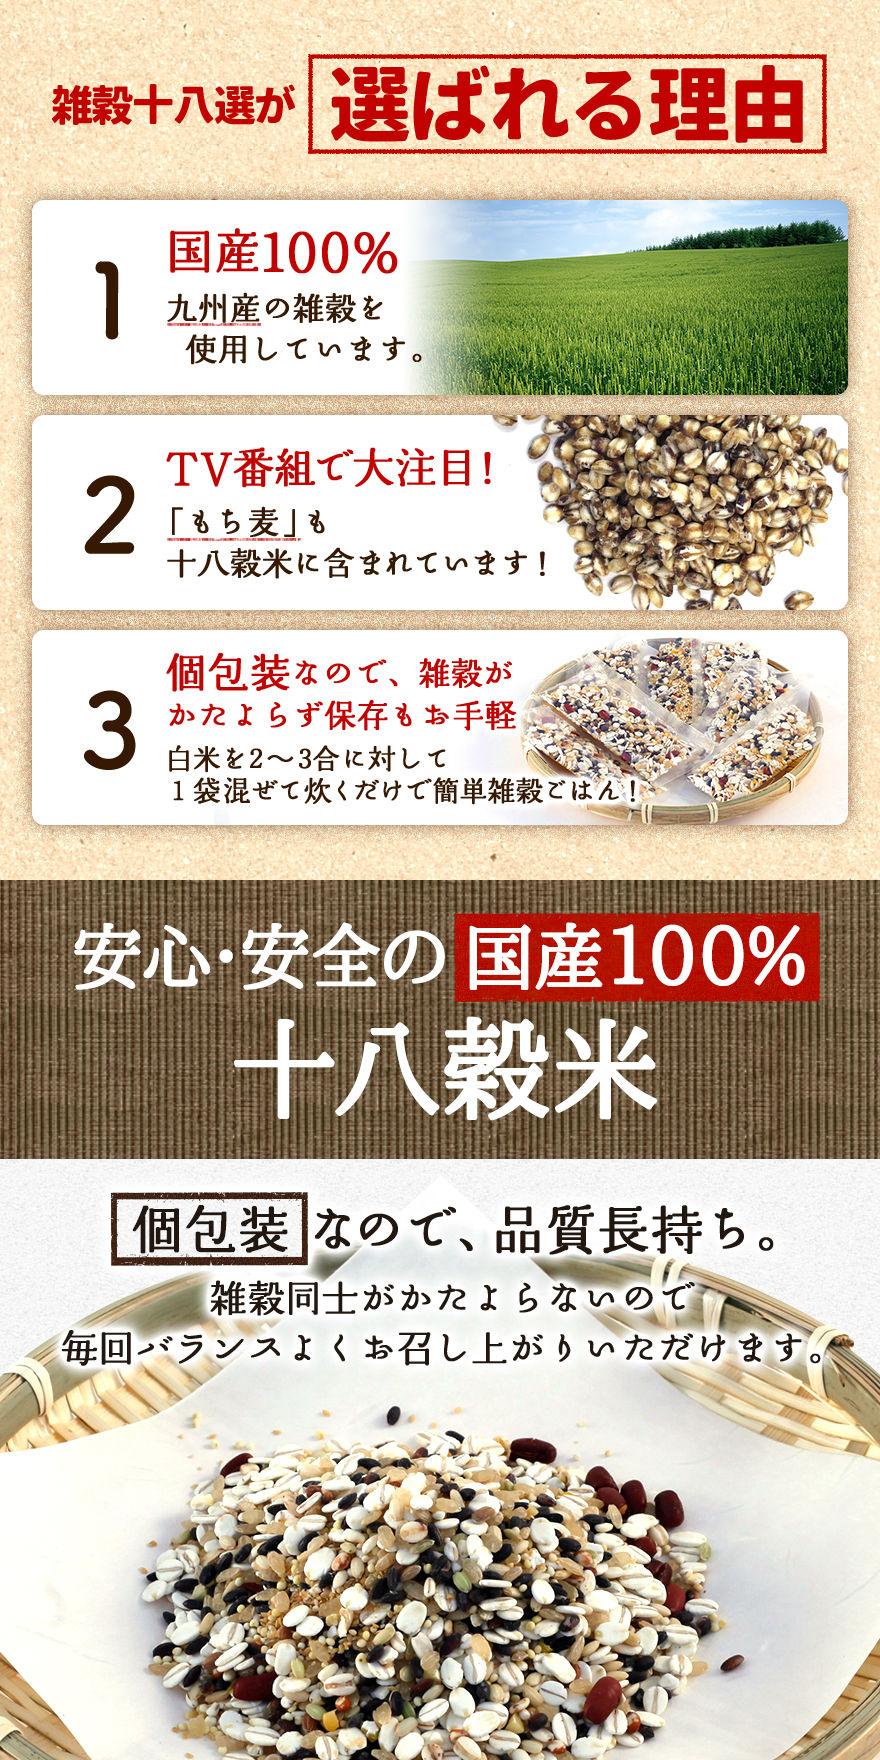 雑穀 雑穀十八選 雑穀米